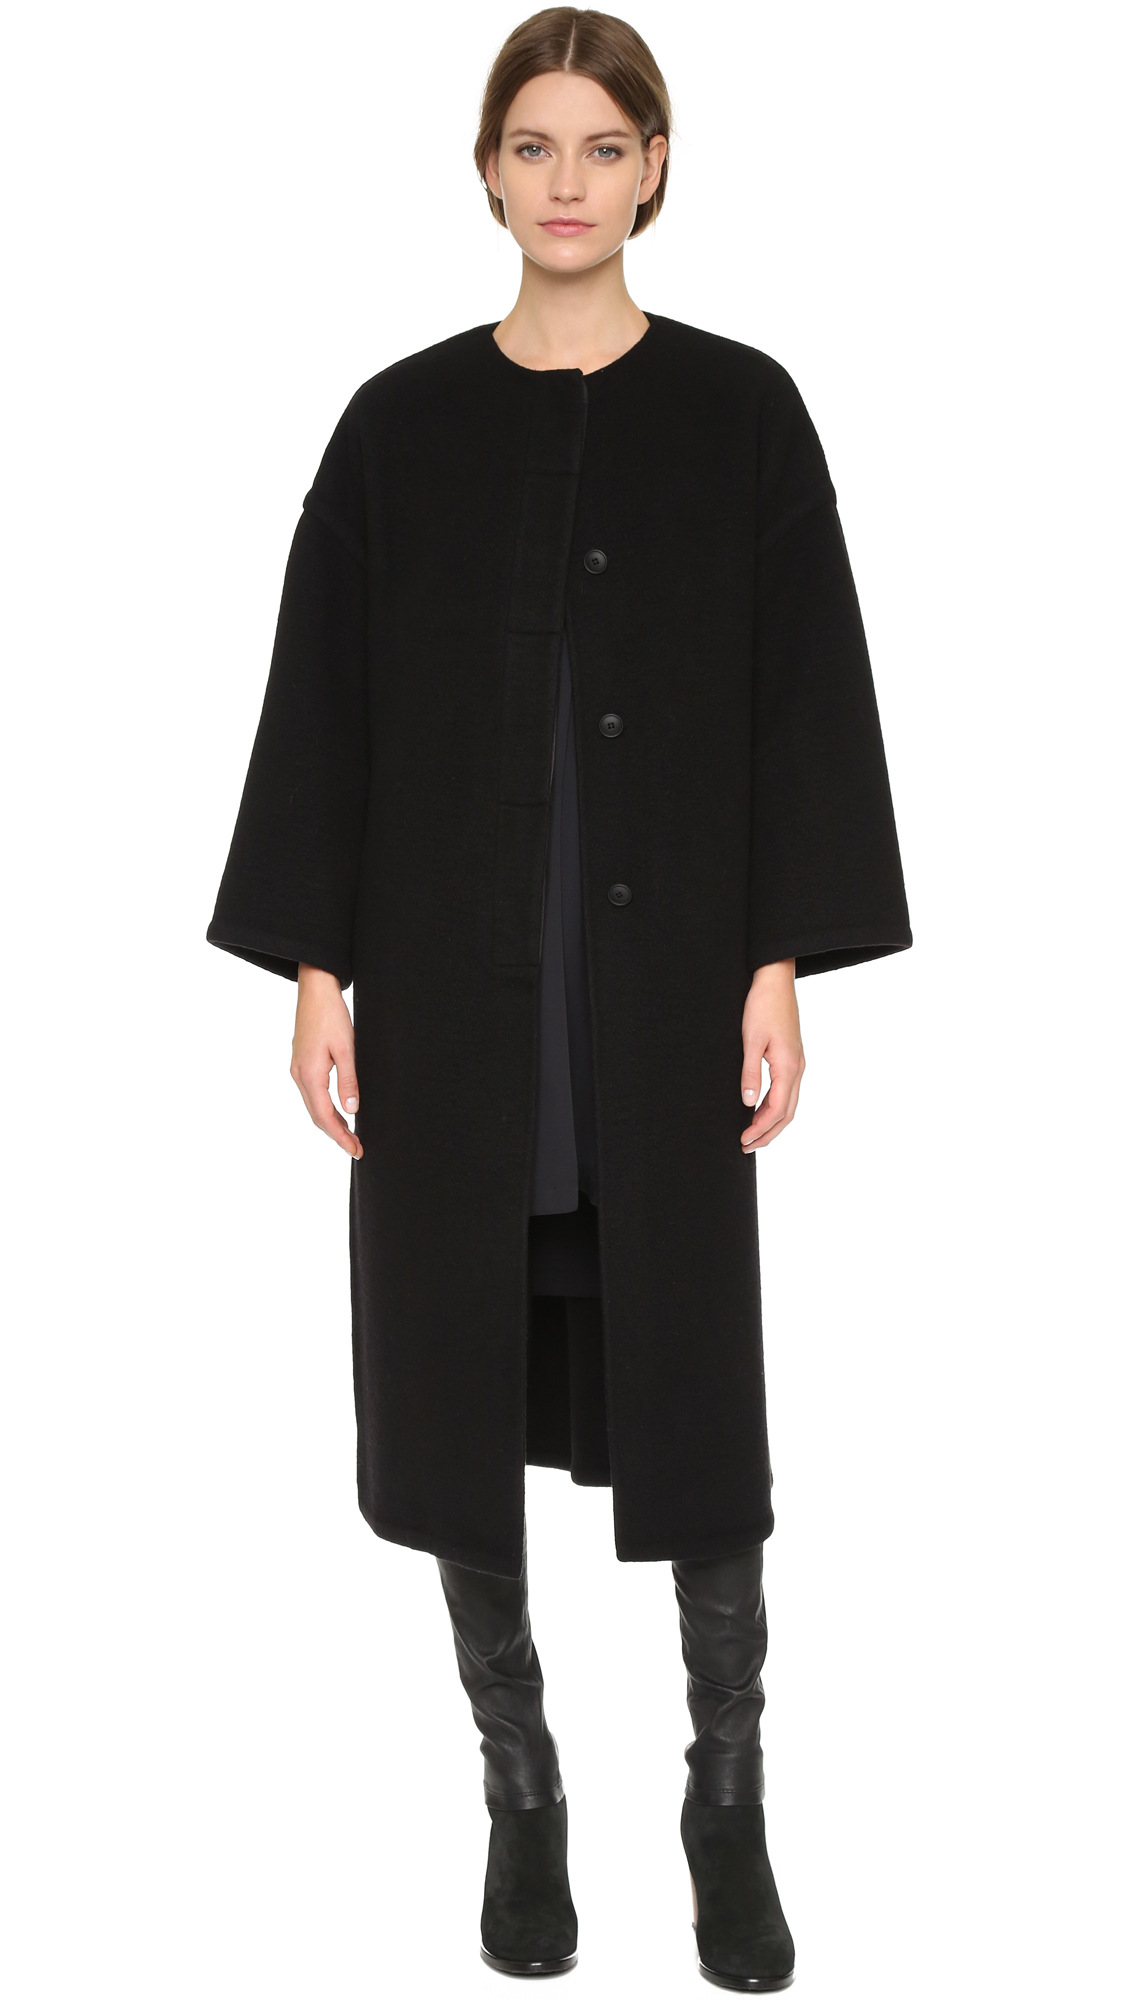 Helmut lang Oversized Cashmere Coat - Black in Black | Lyst